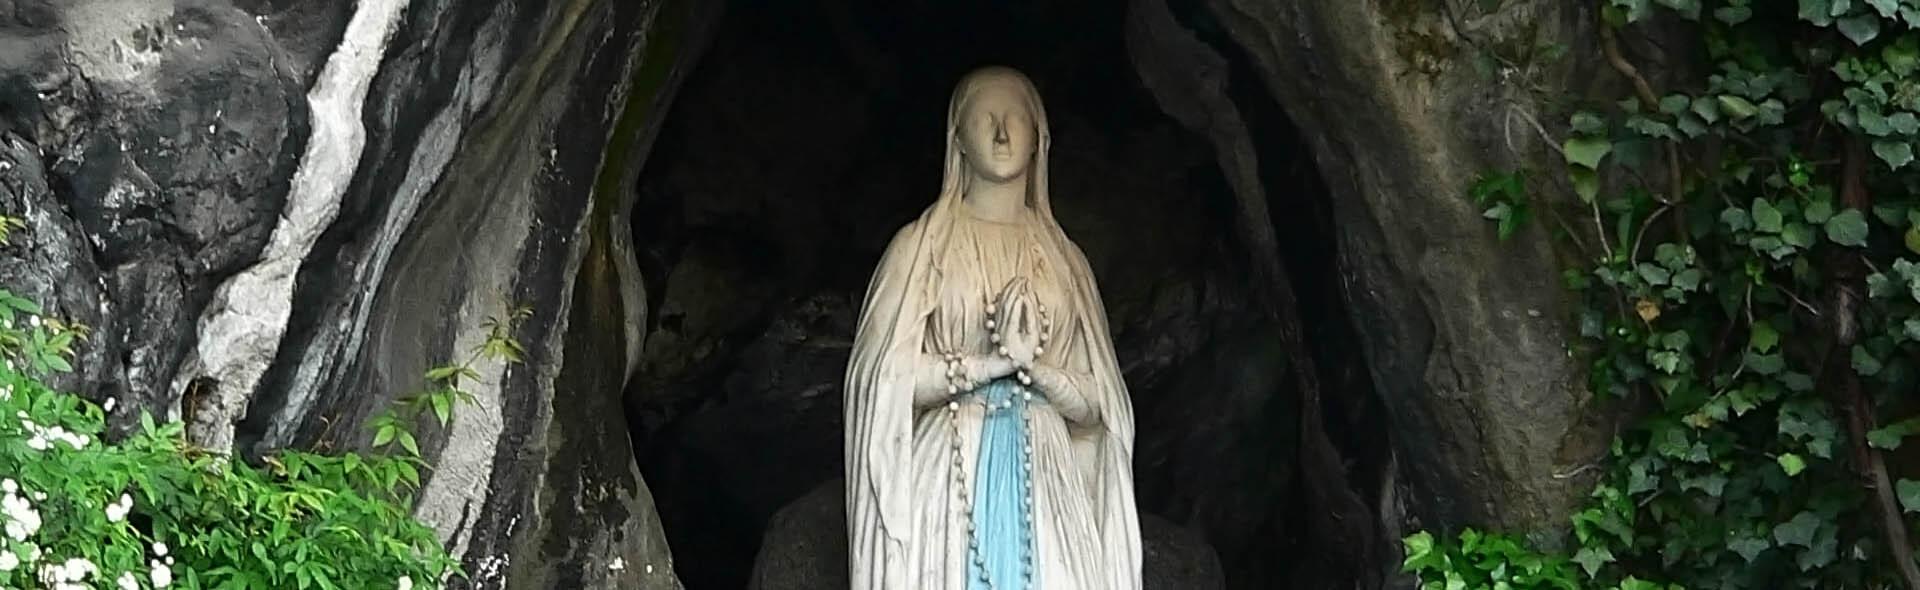 Viaggio a Lourdes in Aereo da Roma Ferragosto